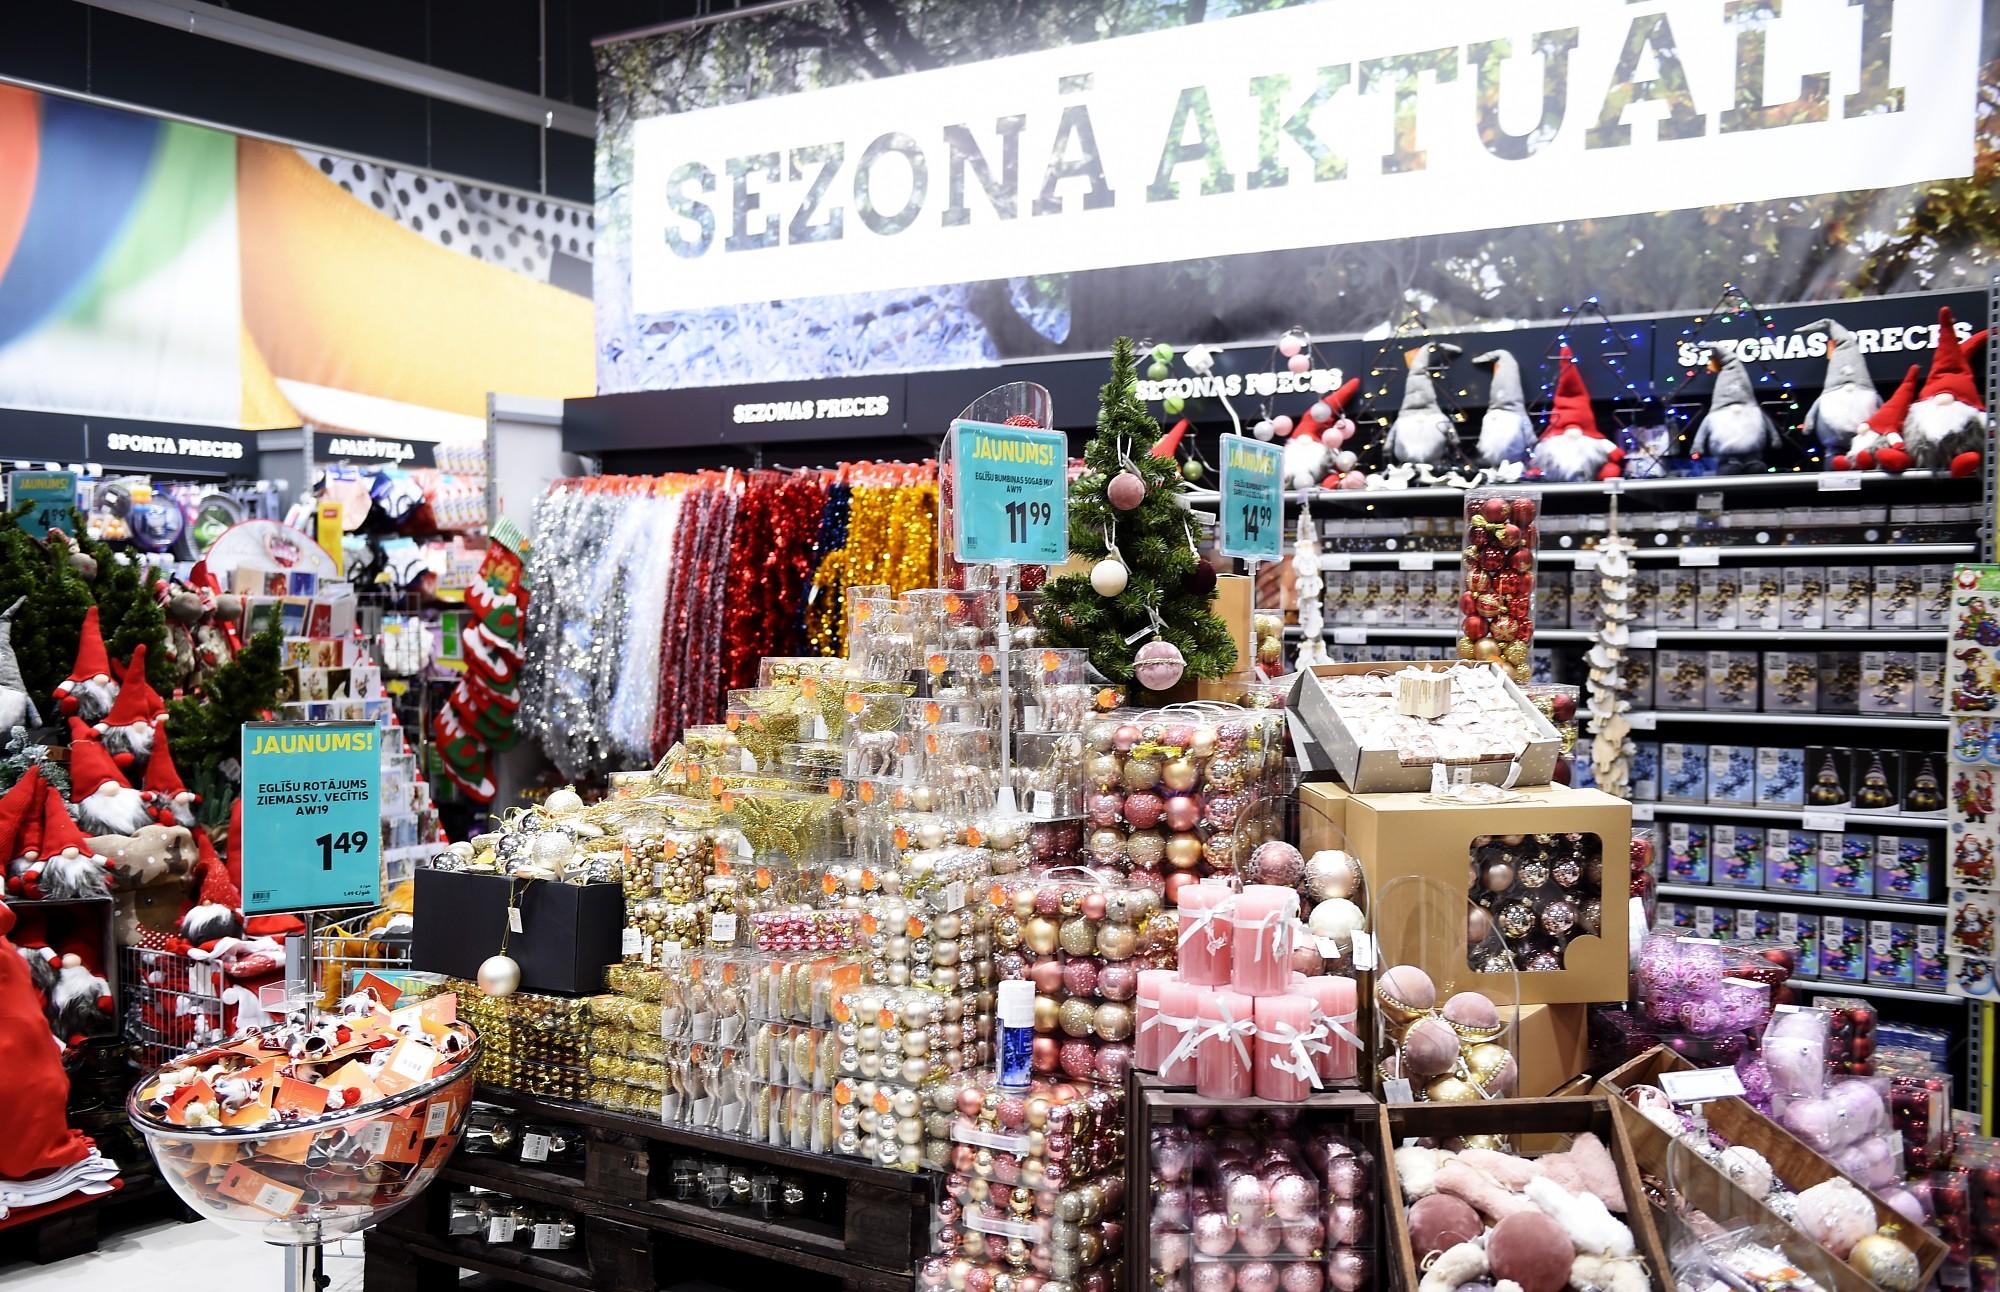 Žurnālistes Lienas Rimkus komentārs: Gatavs nopirkt svētkus